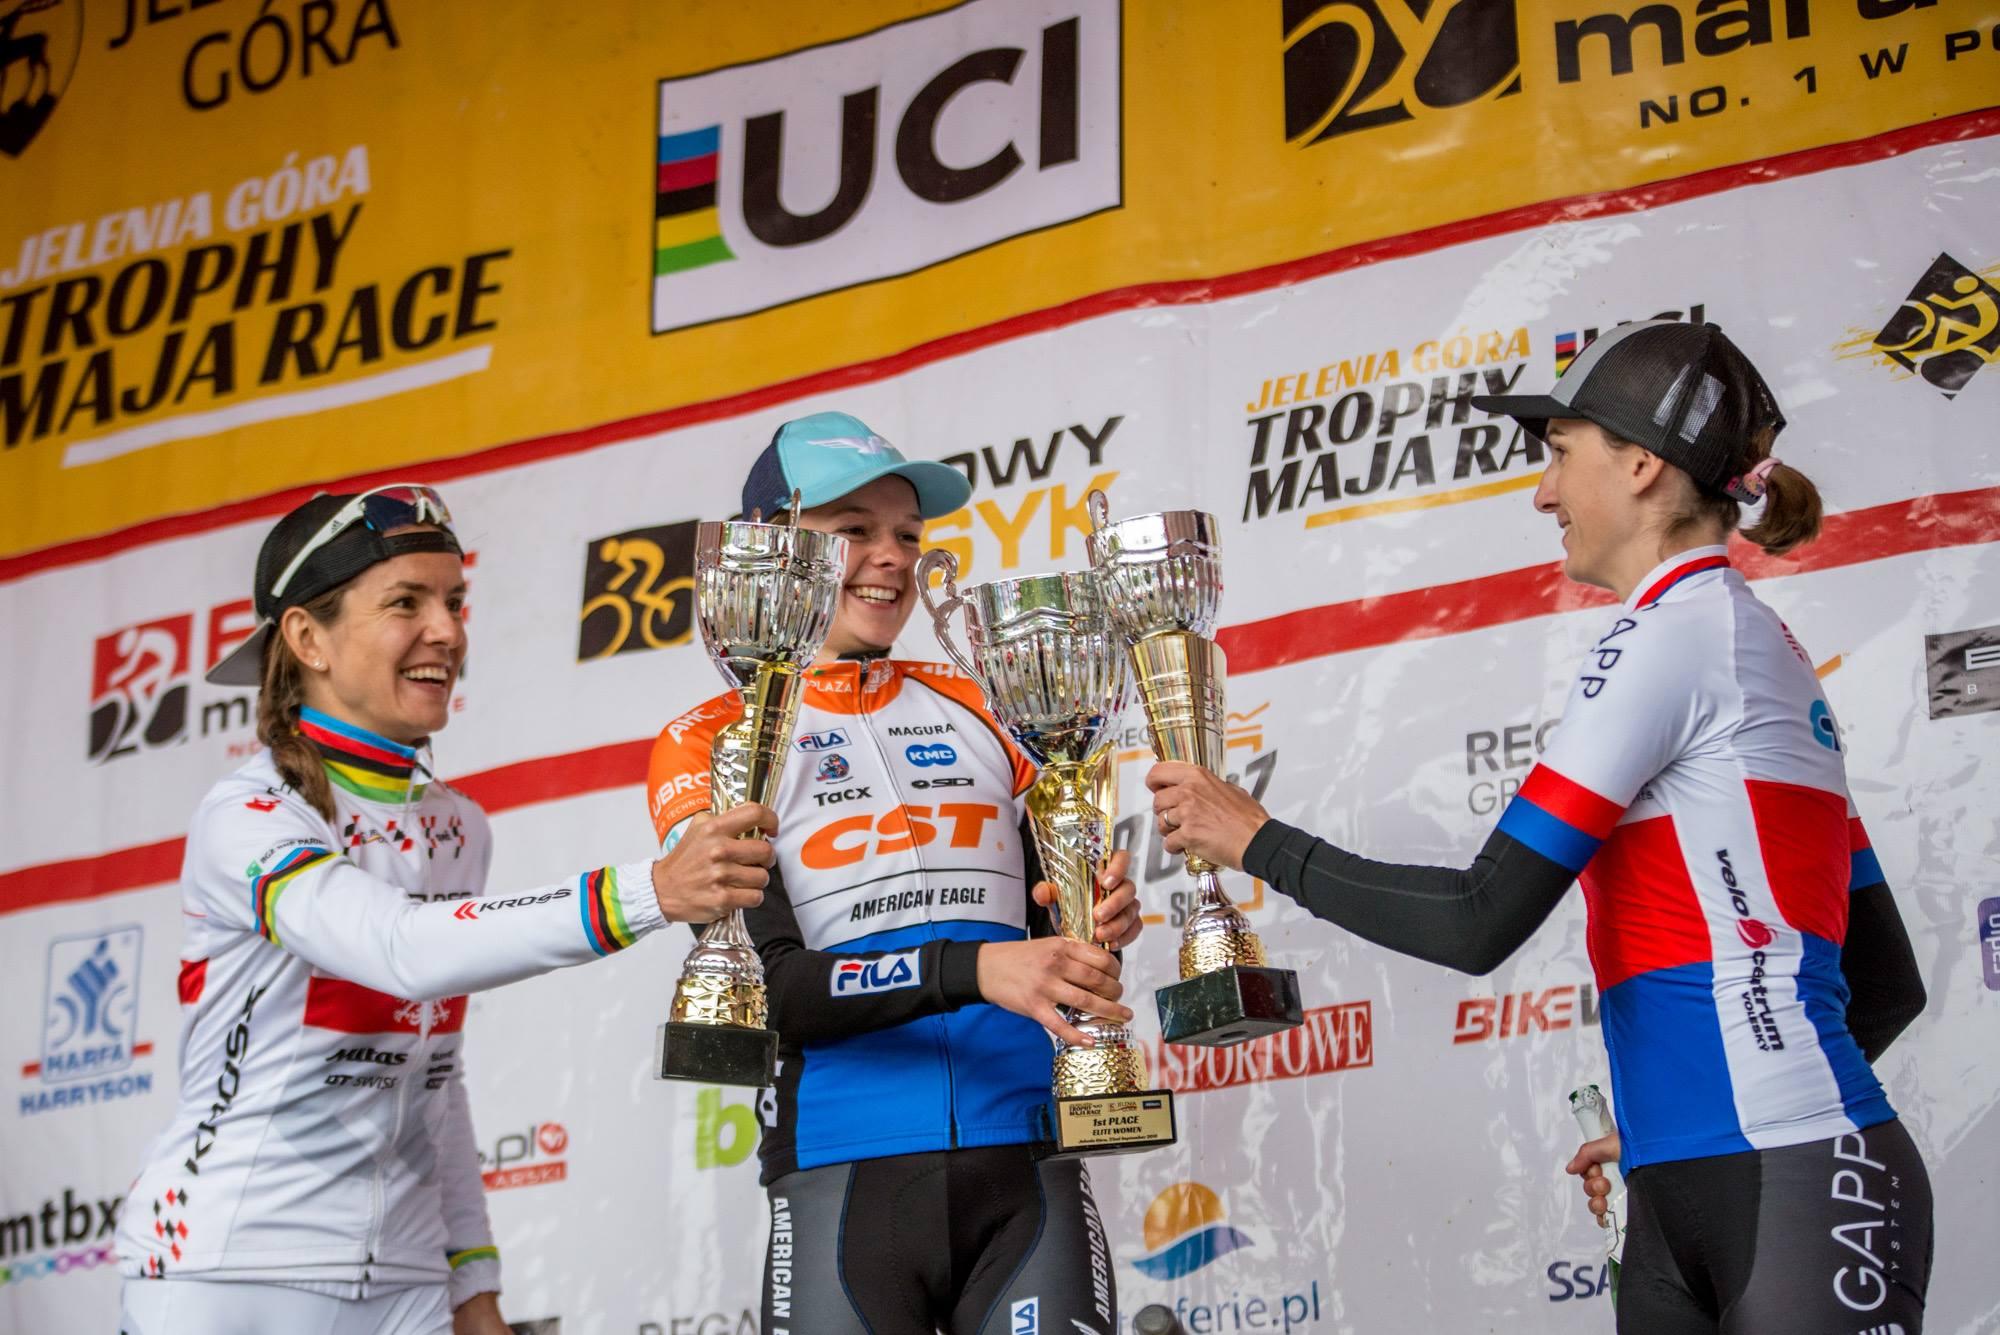 Kto wygra Maja Race 2019?